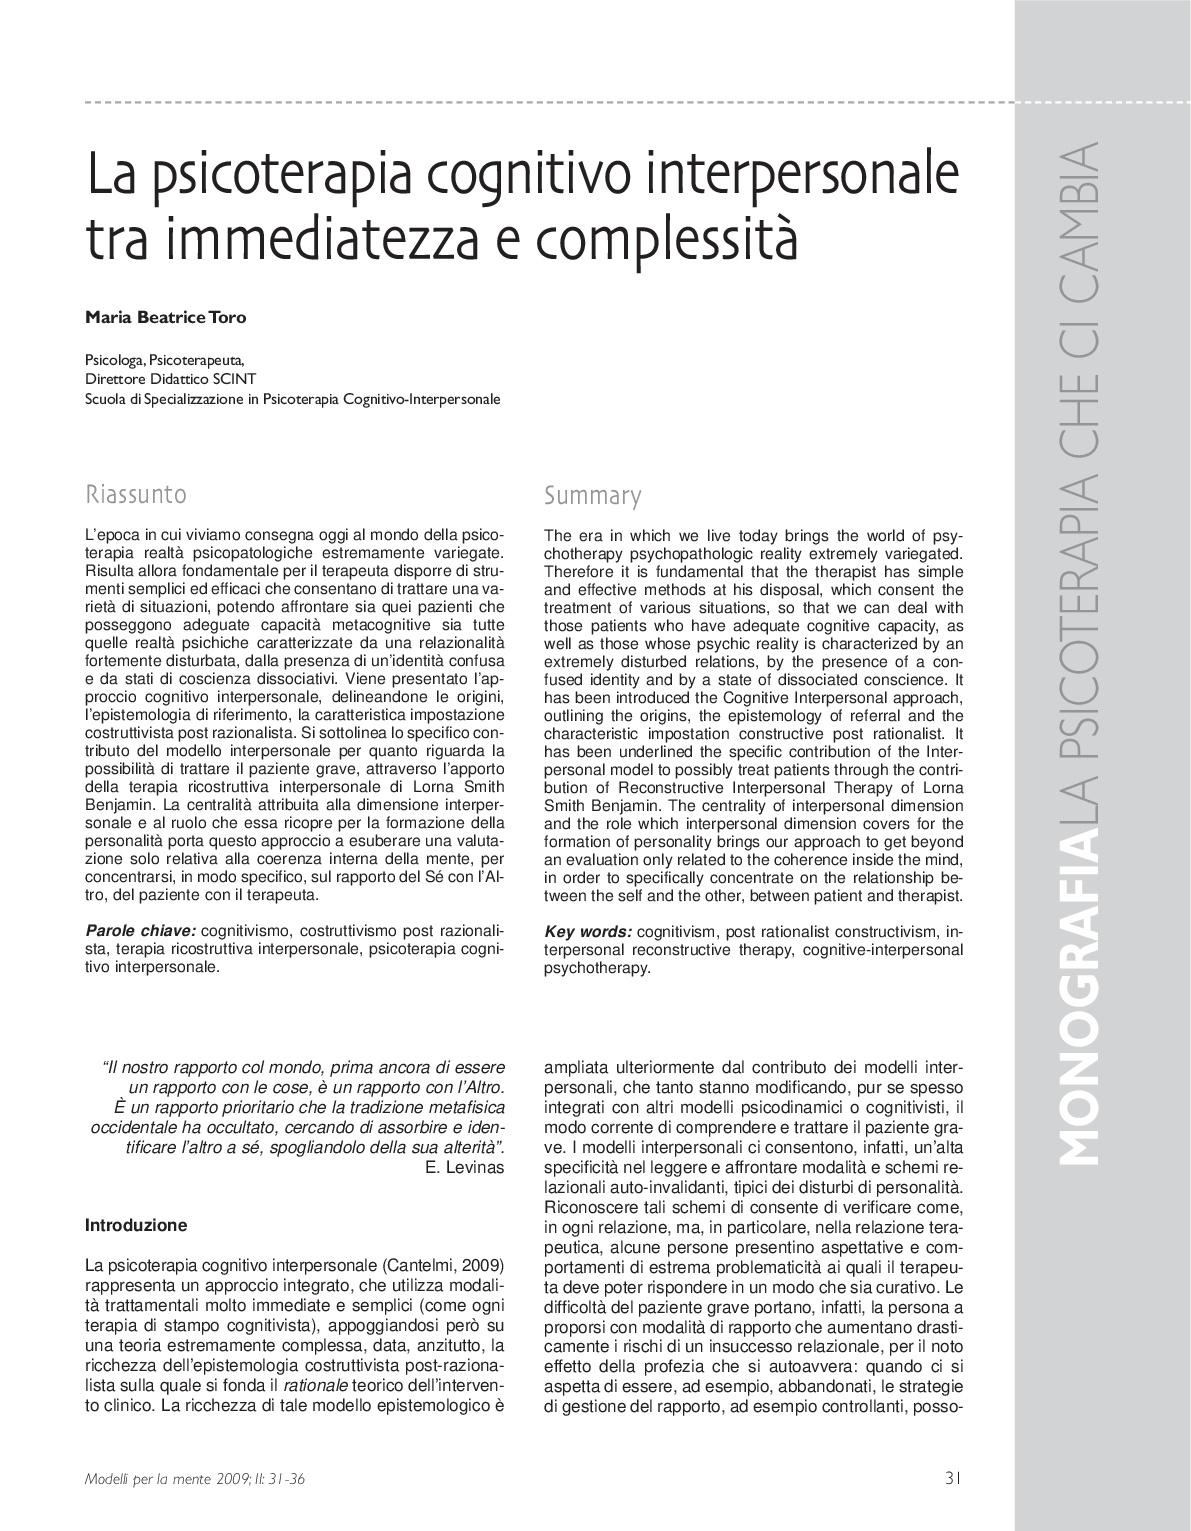 LA-PSICOTERAPIA-COGNITIVO-INTERPERSONALEsmall-001